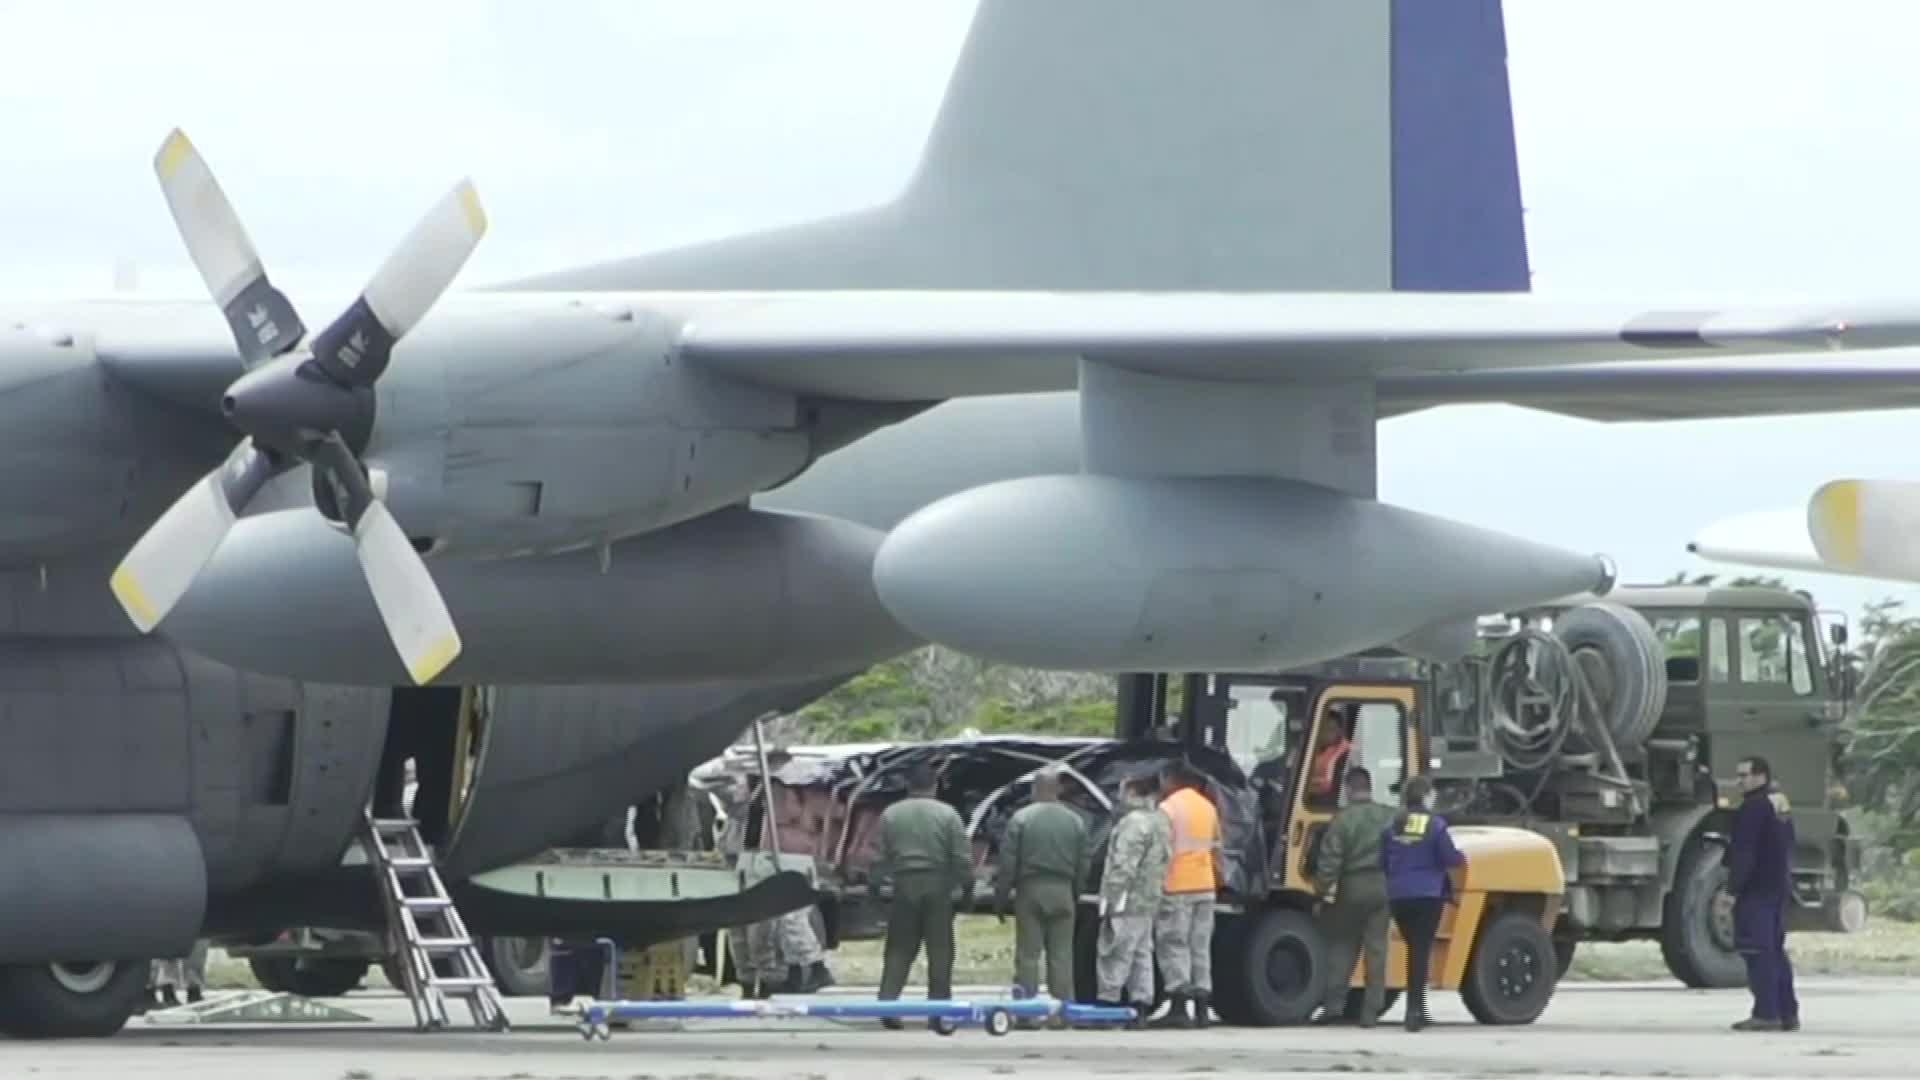 Restos de víctimas de avión chileno llegaron a base militar en Punta Arenas